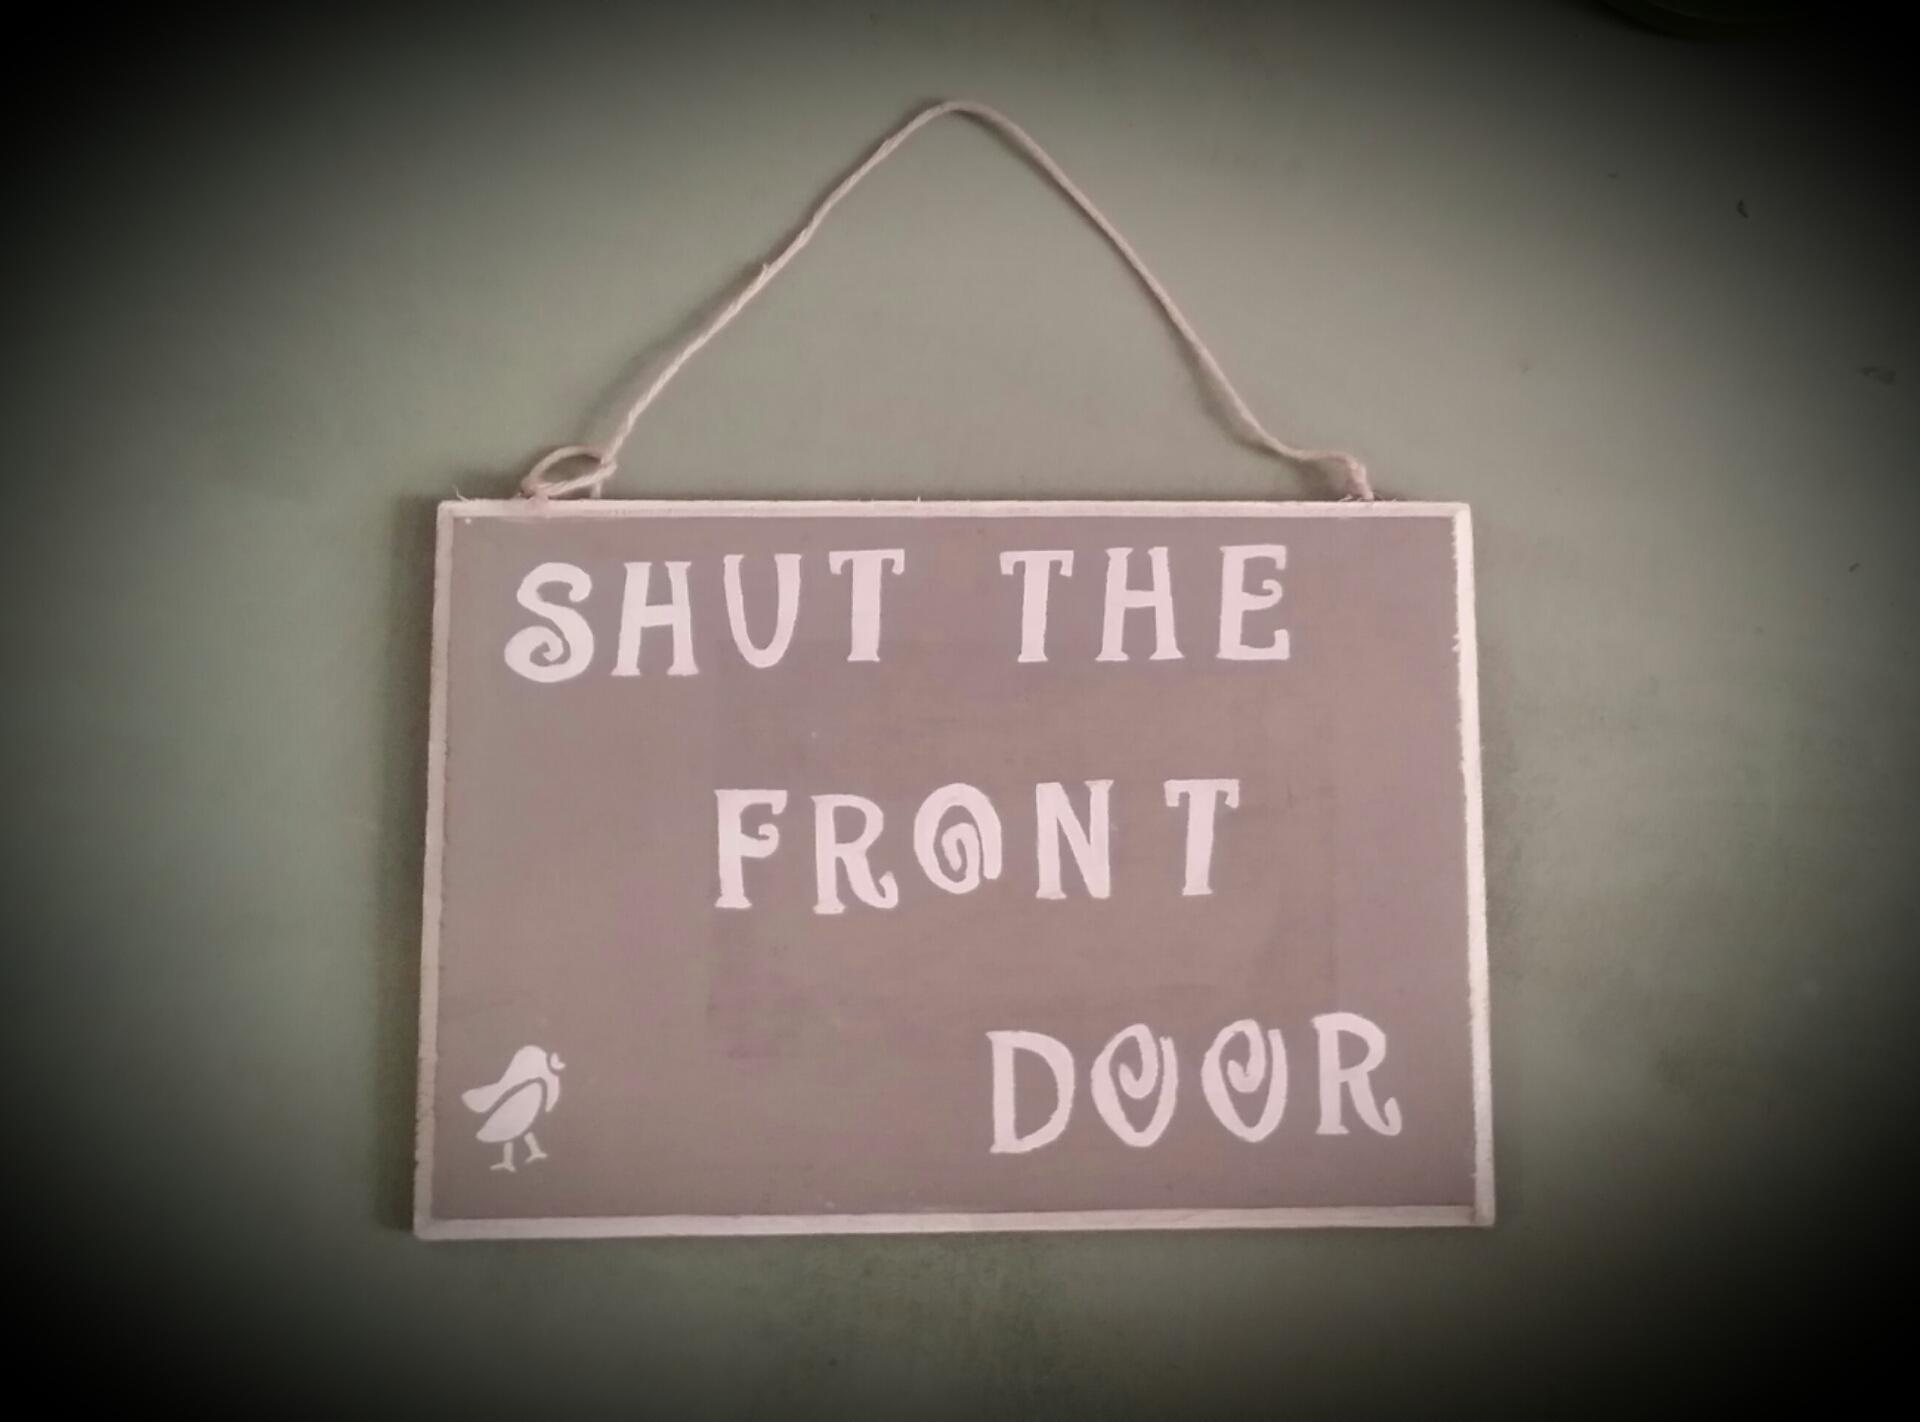 Shut the front door sign modernvintagedesigntreasures for 1 2 shut the door